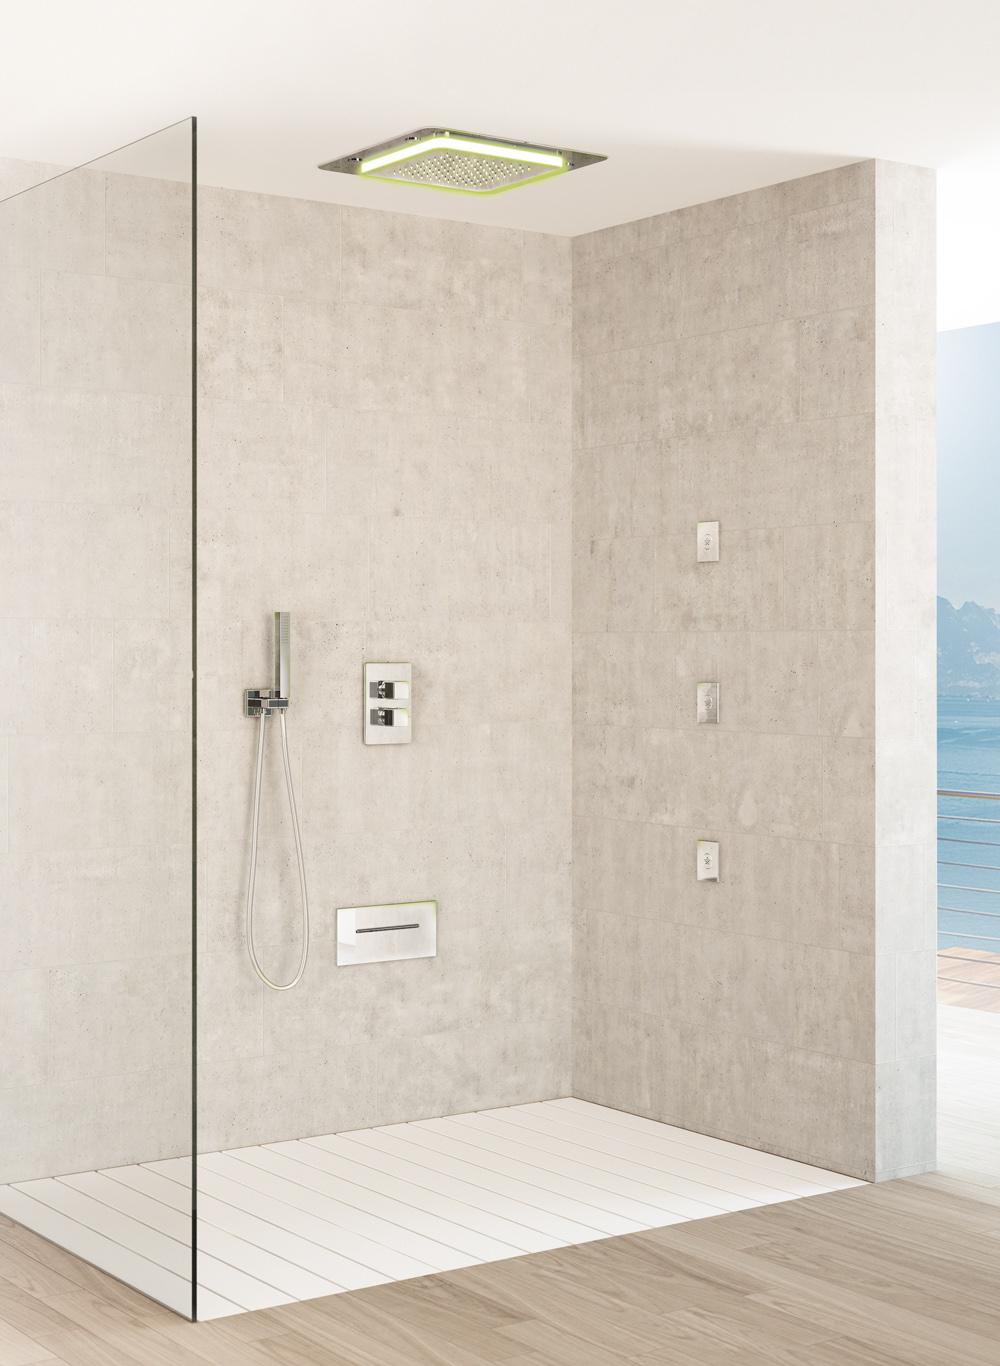 Douche multifonction douche Playone encastré au plafond, tête corps latéral douche à jet